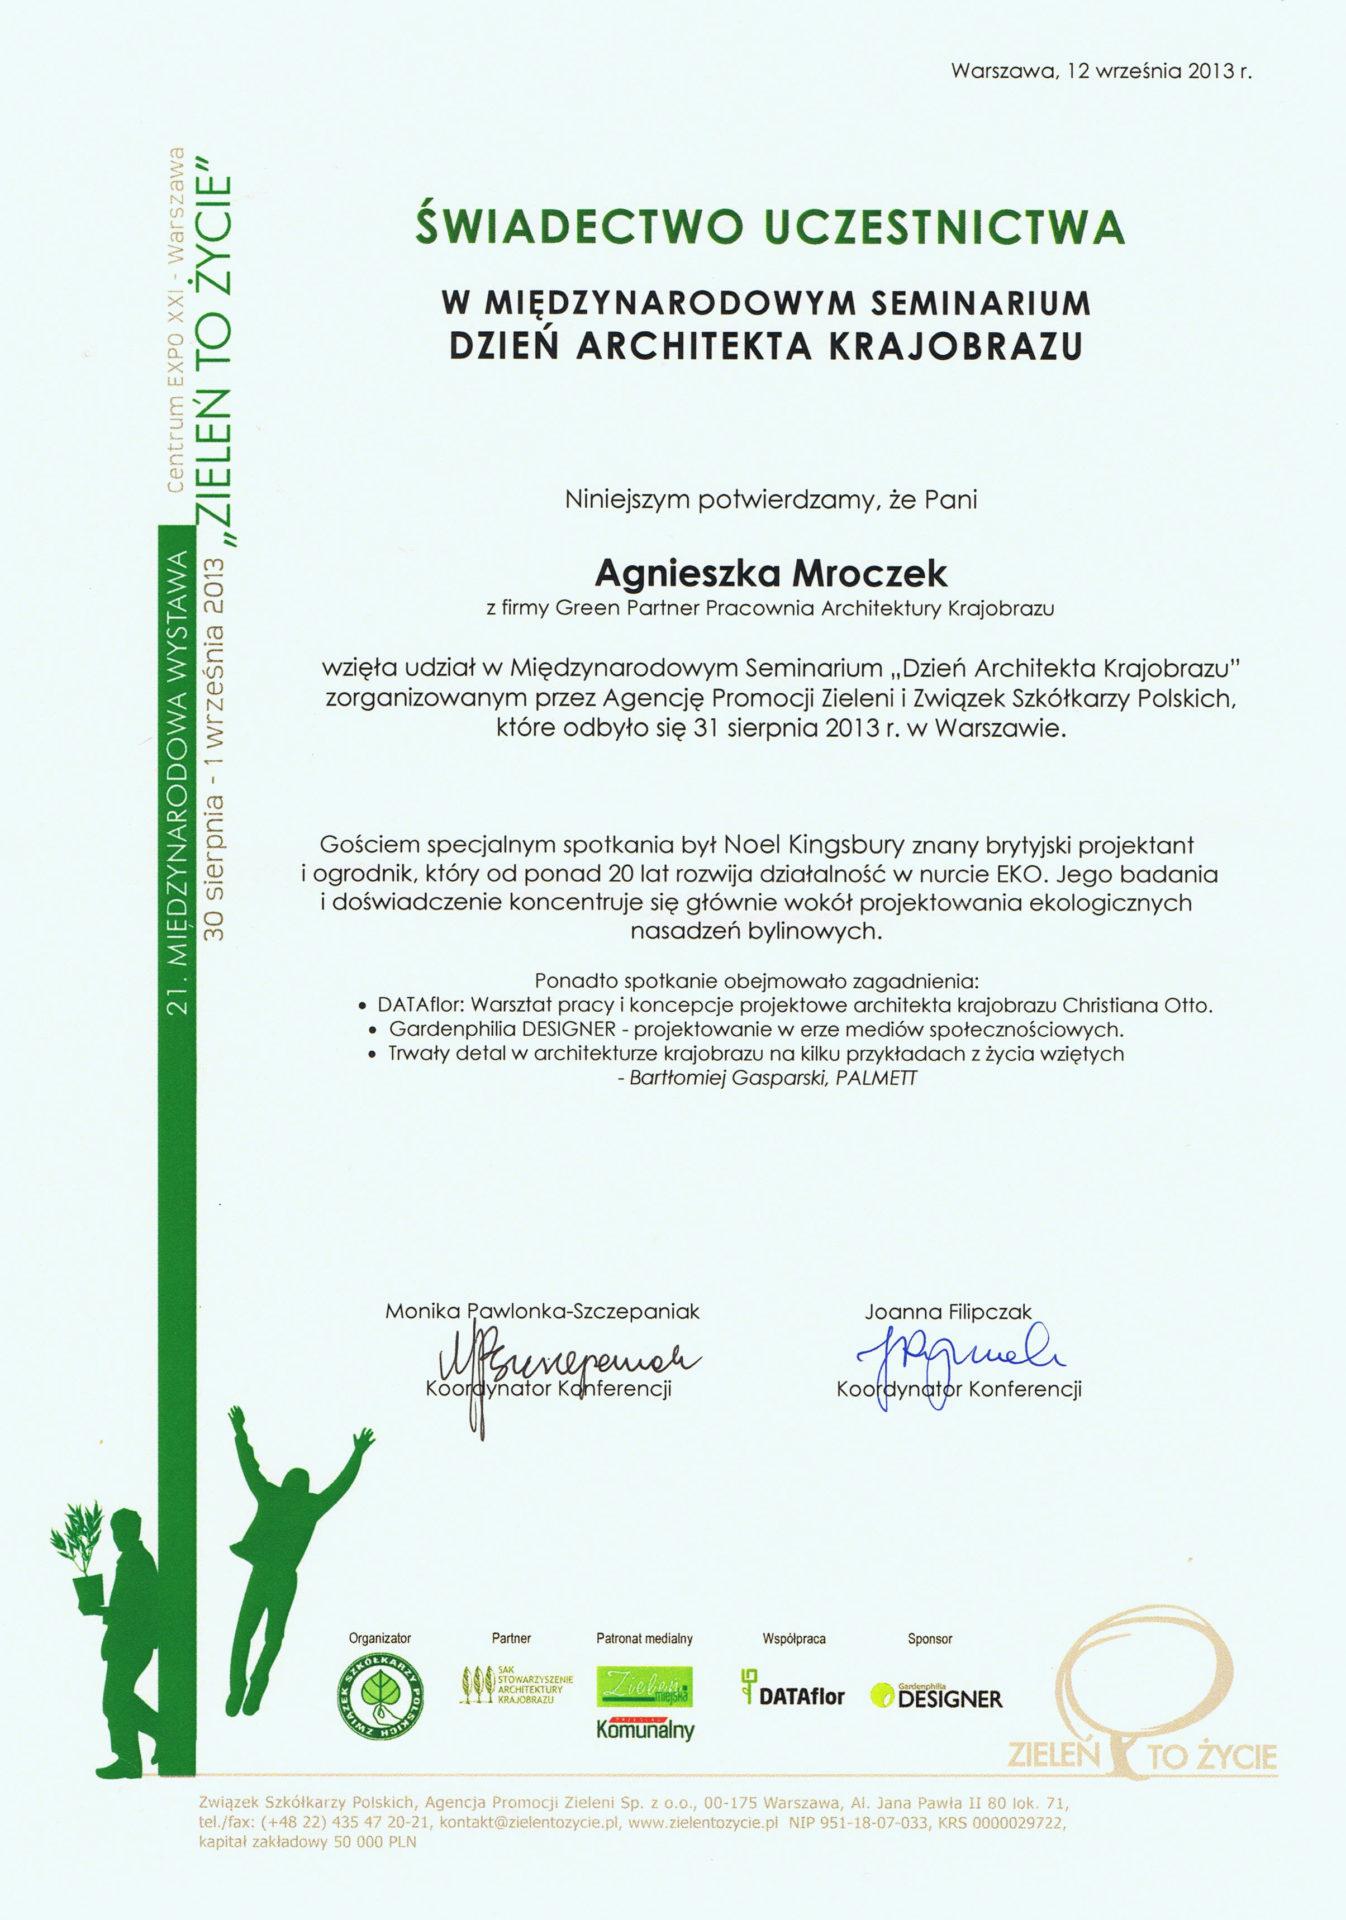 Dzień Architekta Krajobrazu 2013